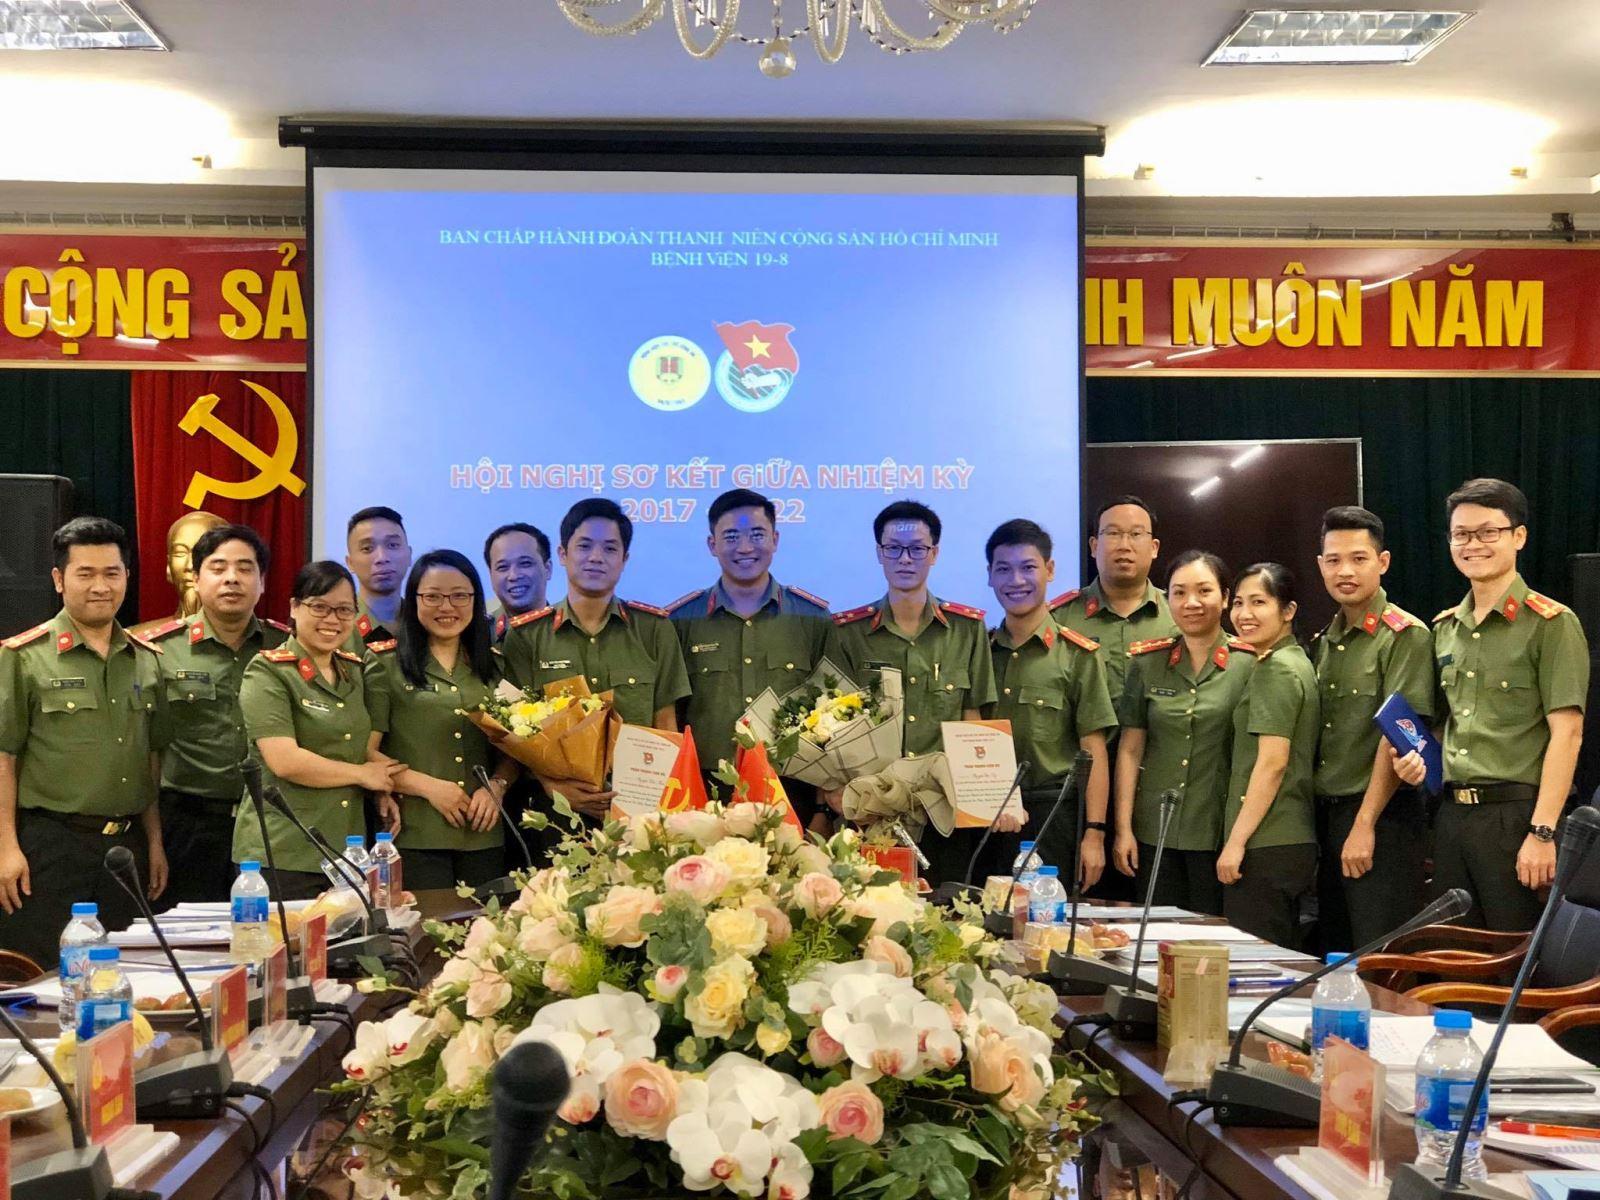 Đoàn thanh niên bệnh viện tổ chức thành công hội nghị giữa nhiệm kỳ